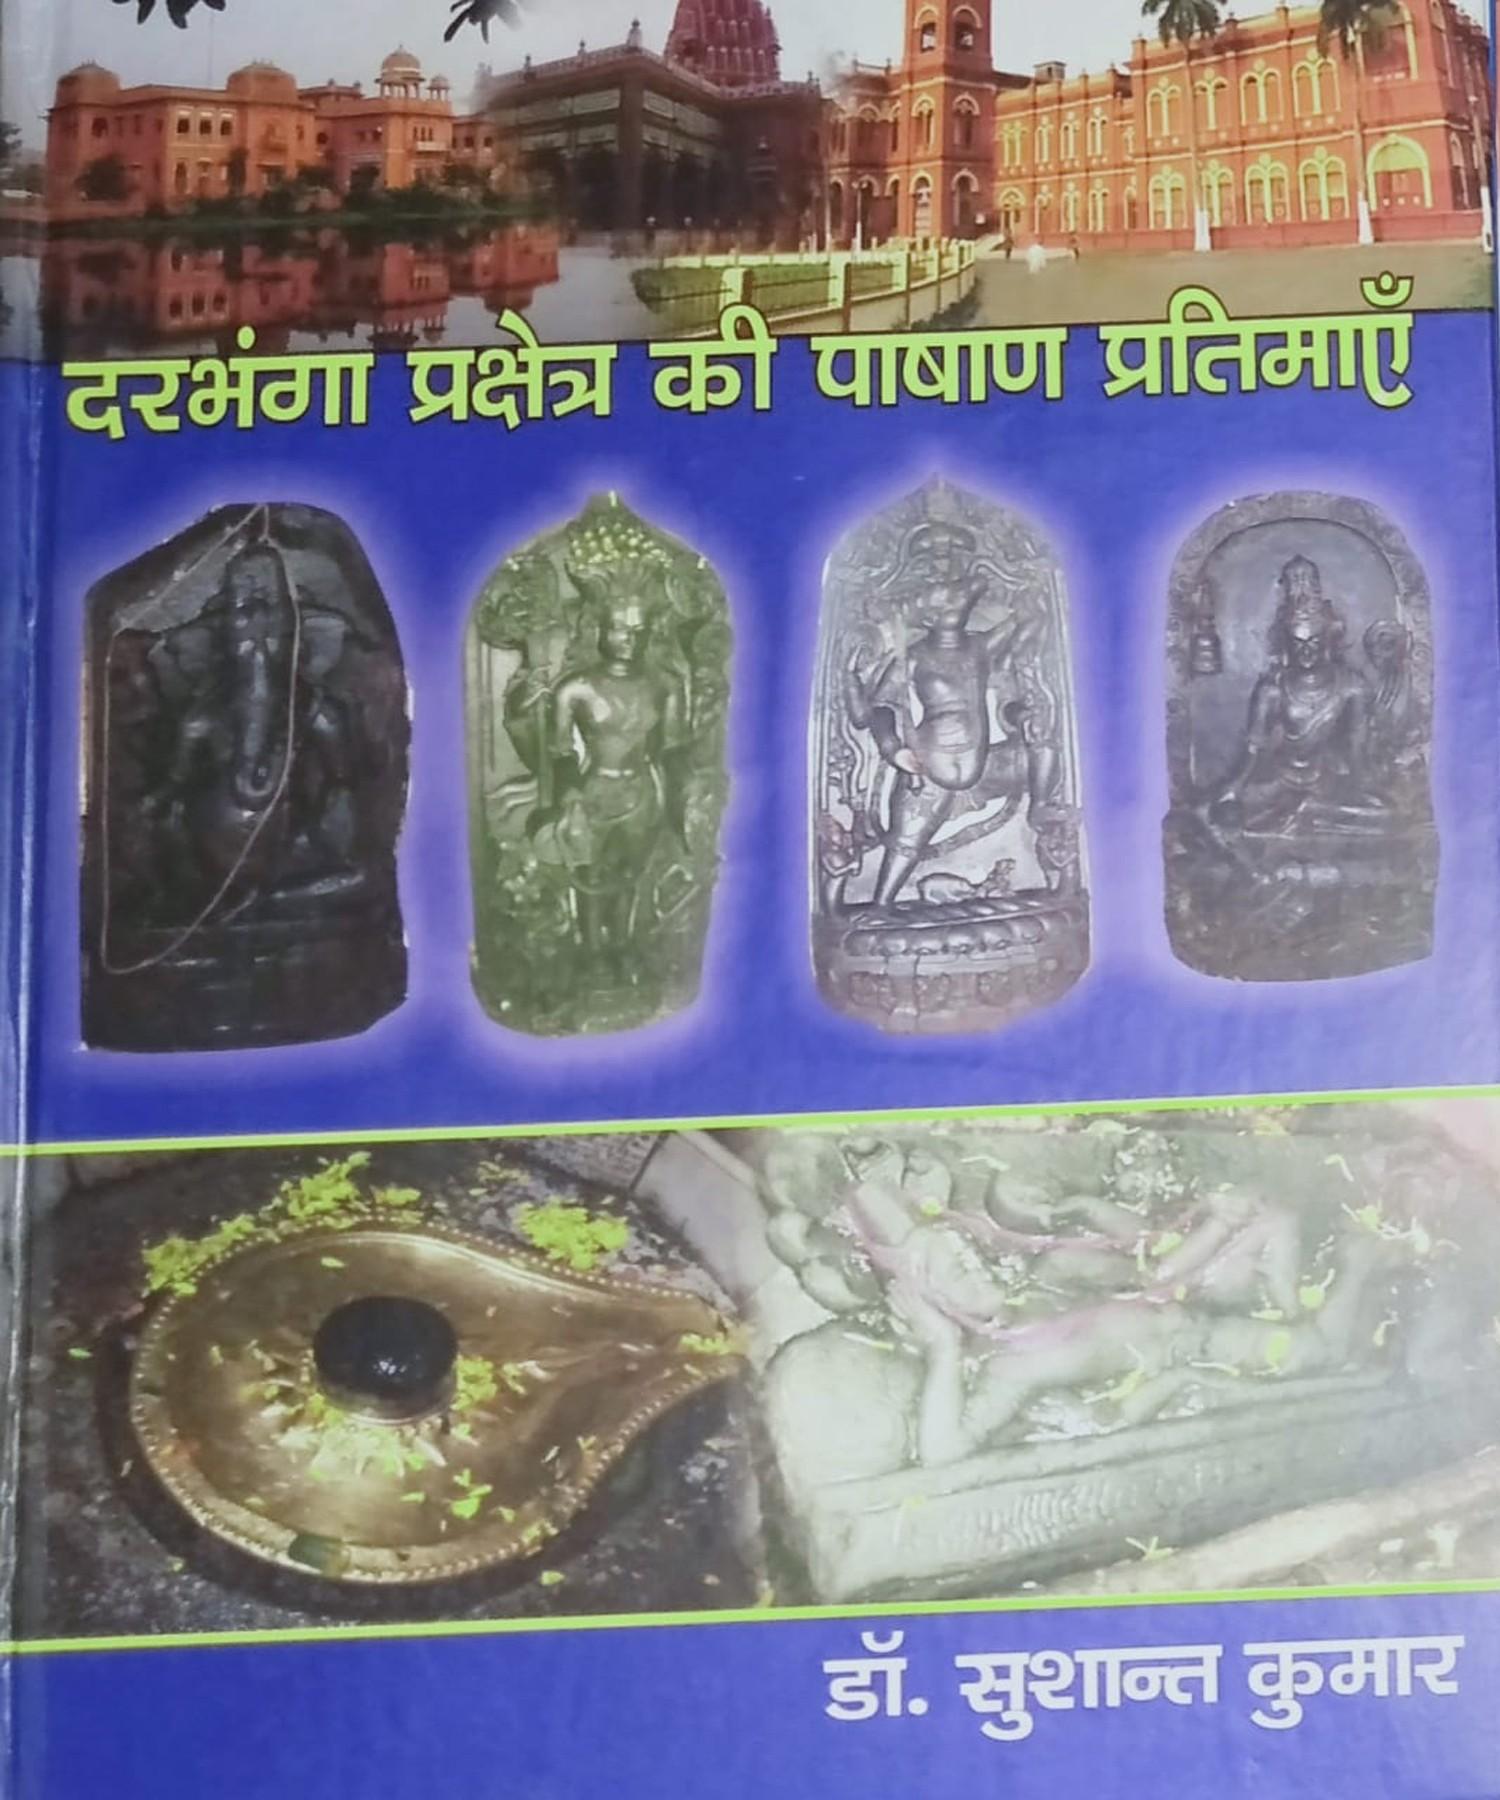 दरभंगा प्रक्षेत्र की पाषाण प्रतिमाएँ, डा. सुशान्त कुमार